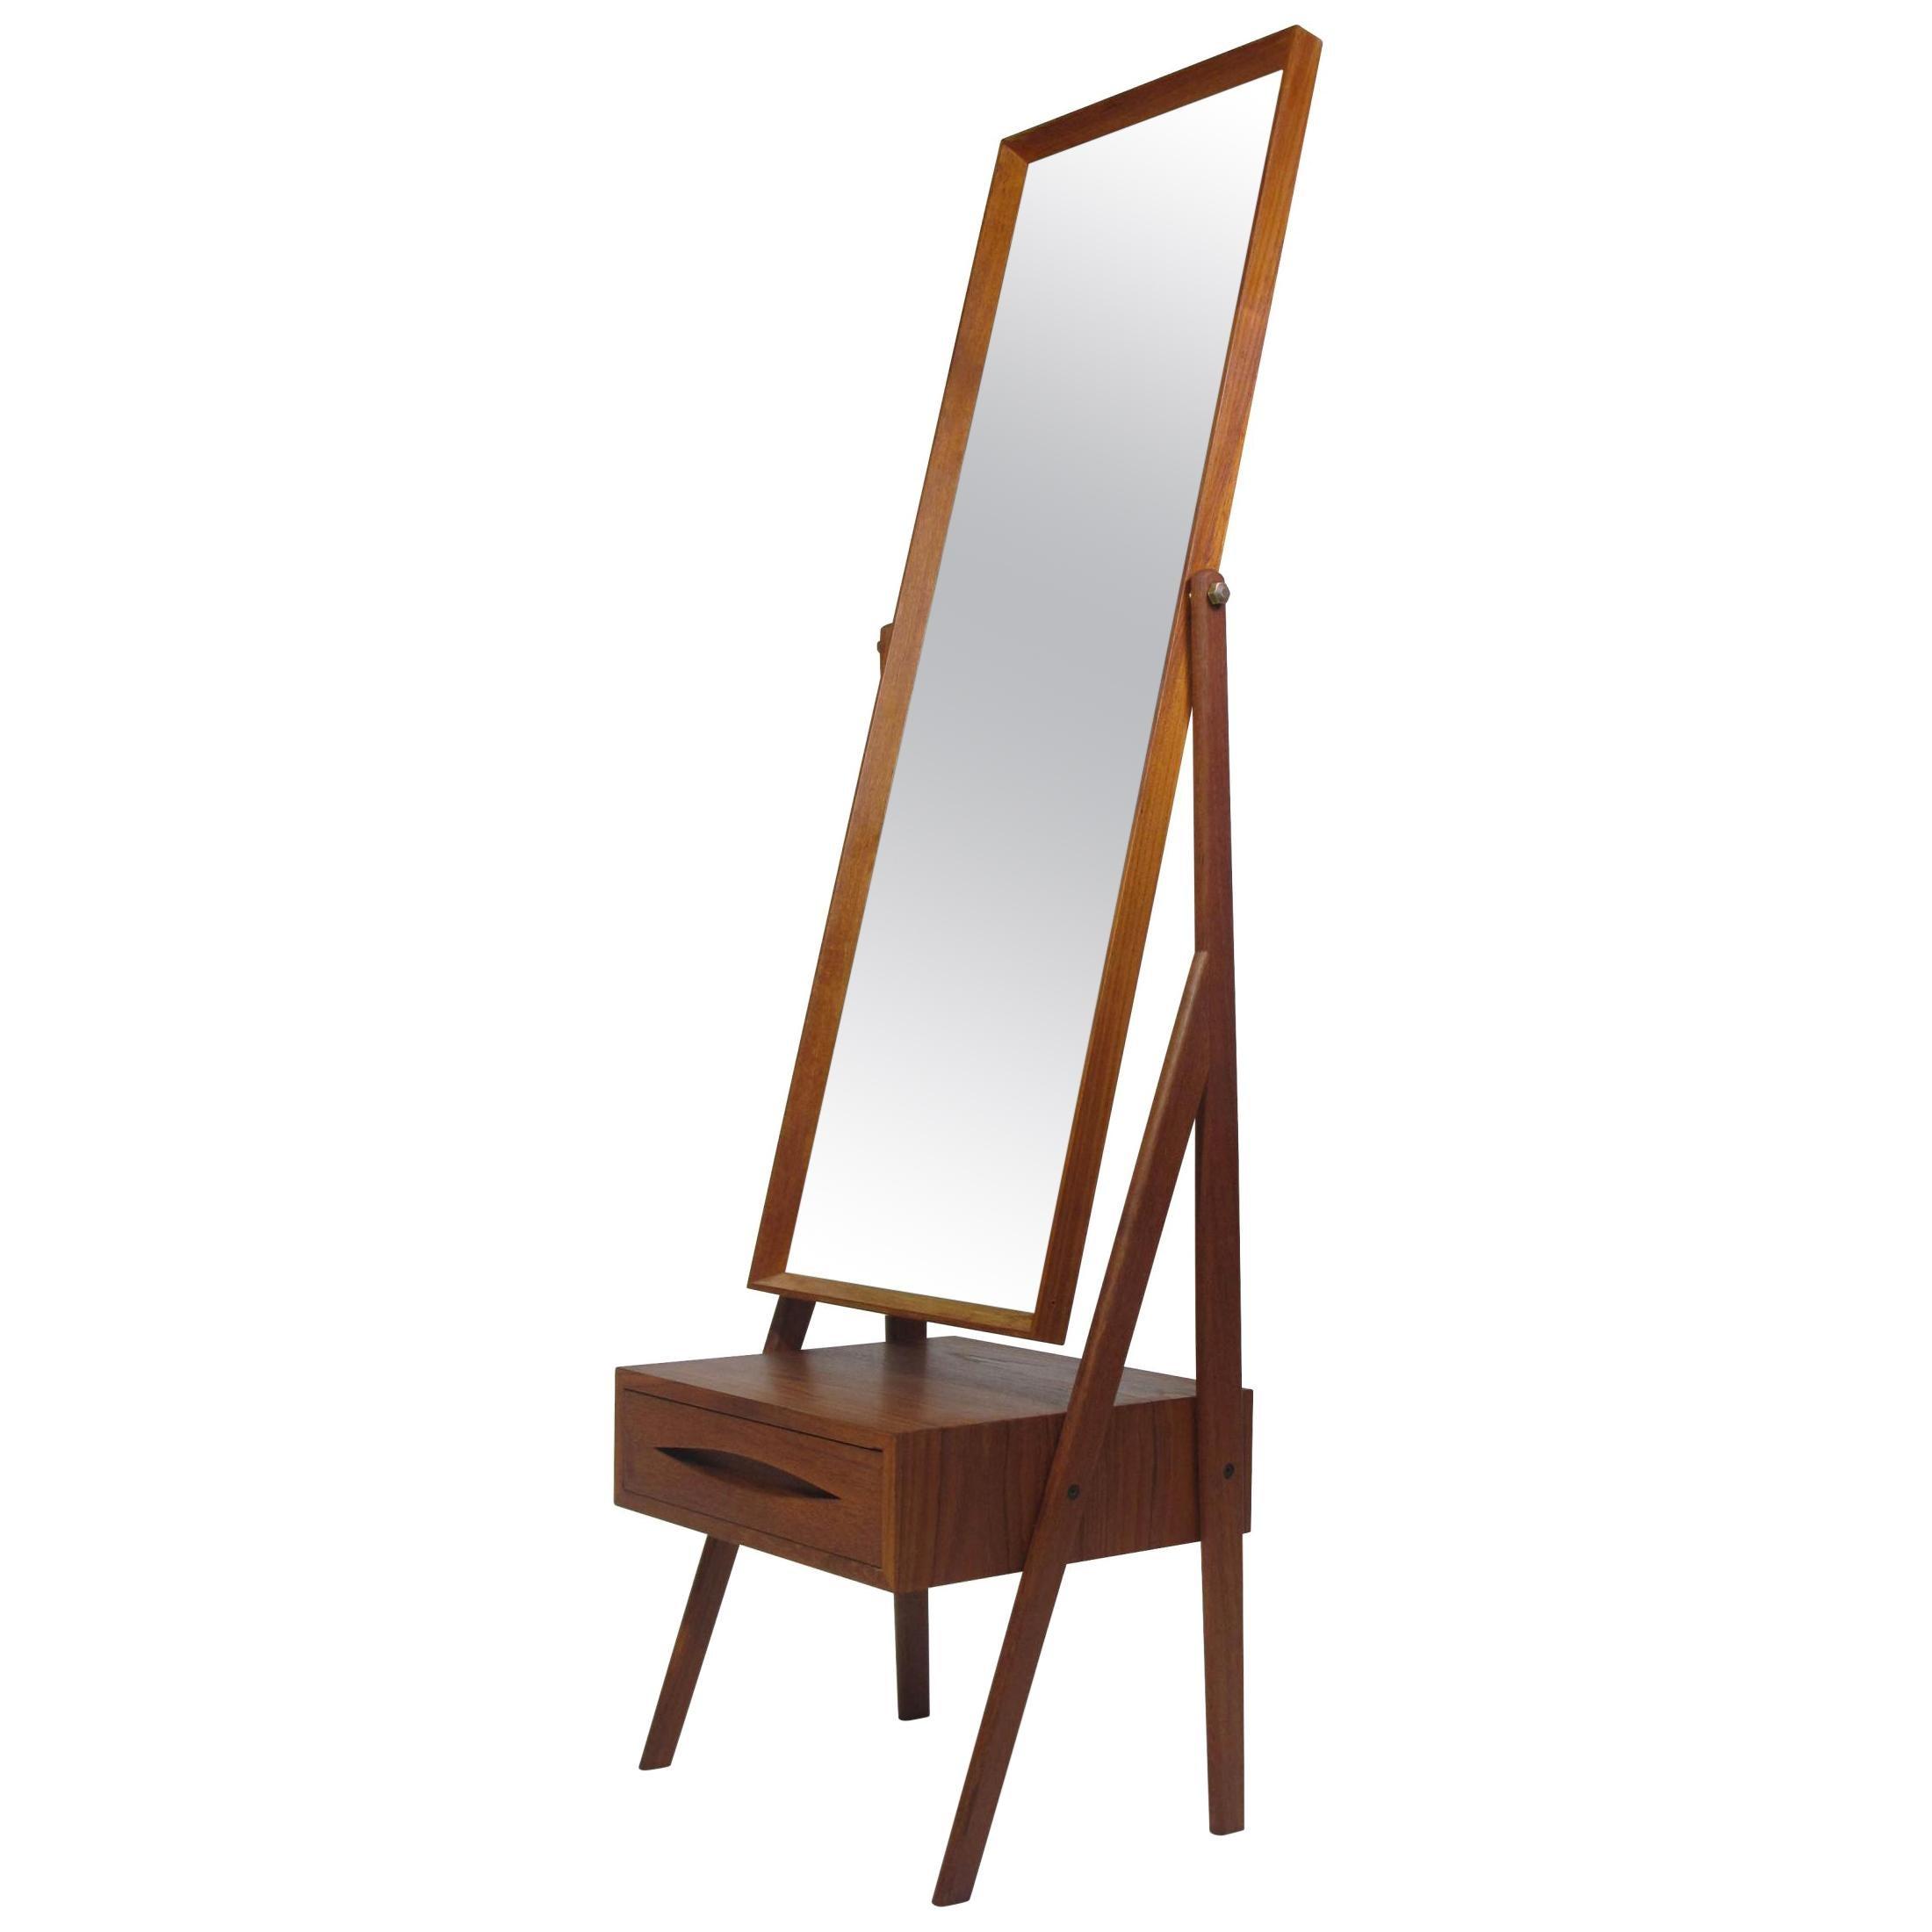 Mid Century Arne Vodder Full Length Pivoting Teak Mirror